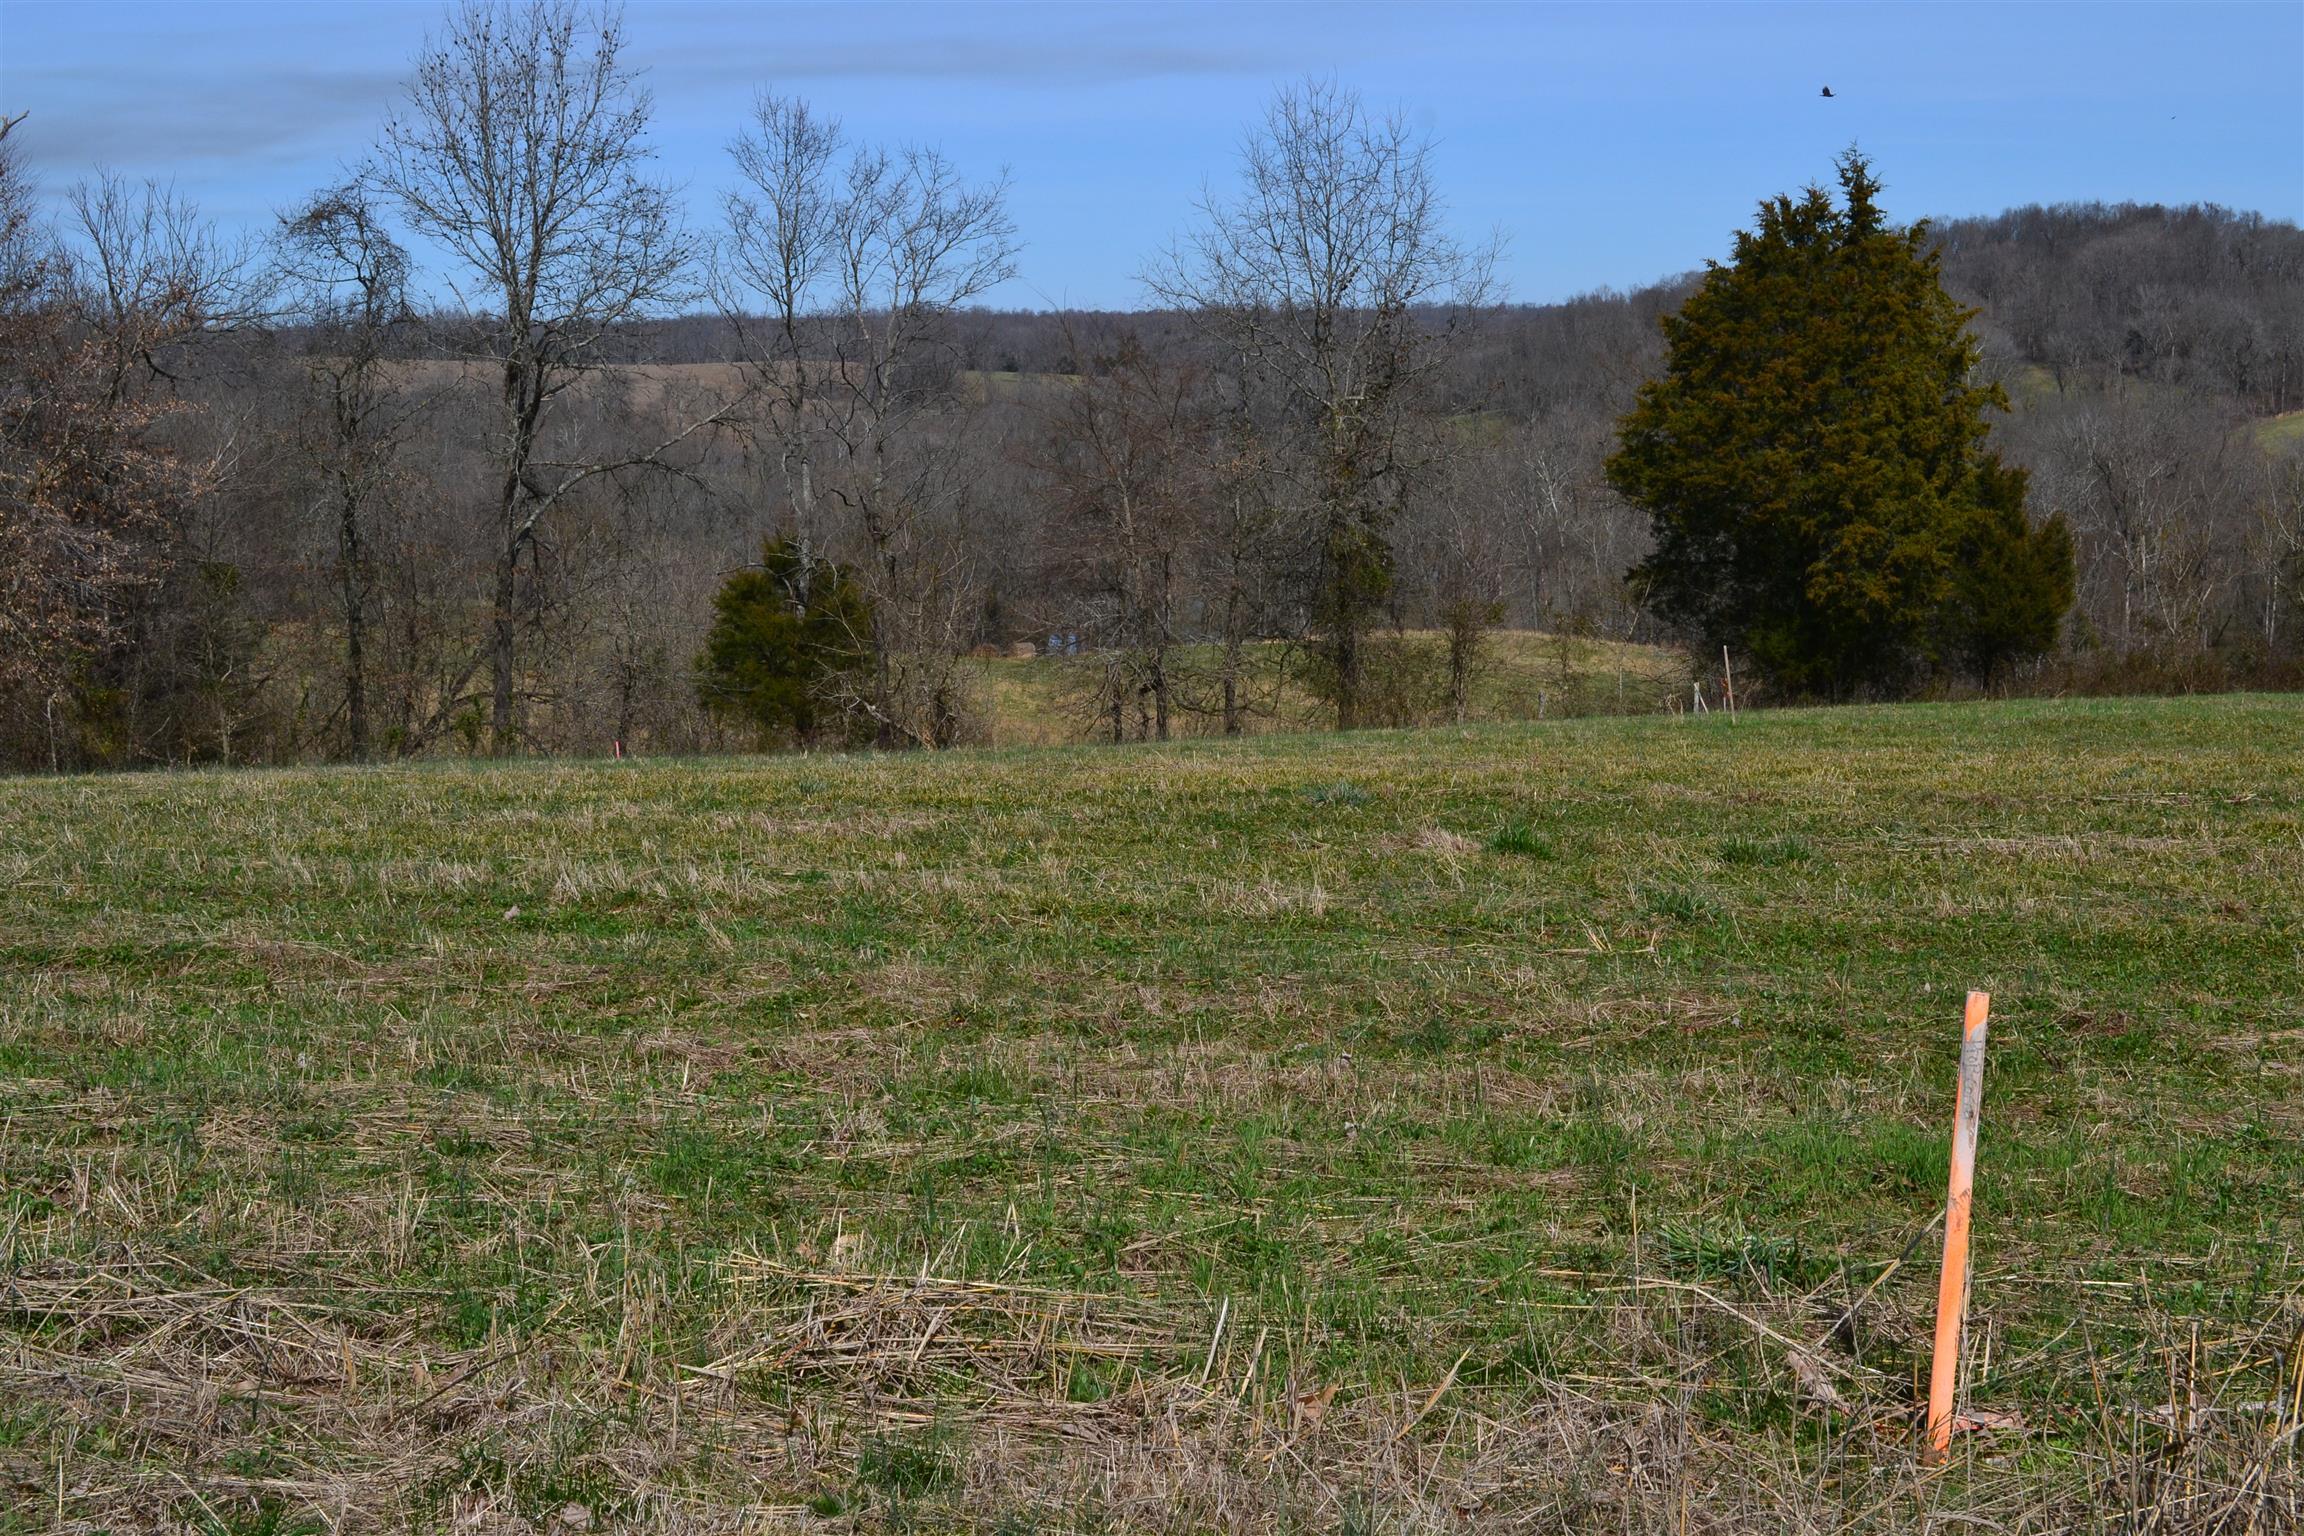 4 Rawlings Road, Woodlawn, TN 37191 - Woodlawn, TN real estate listing